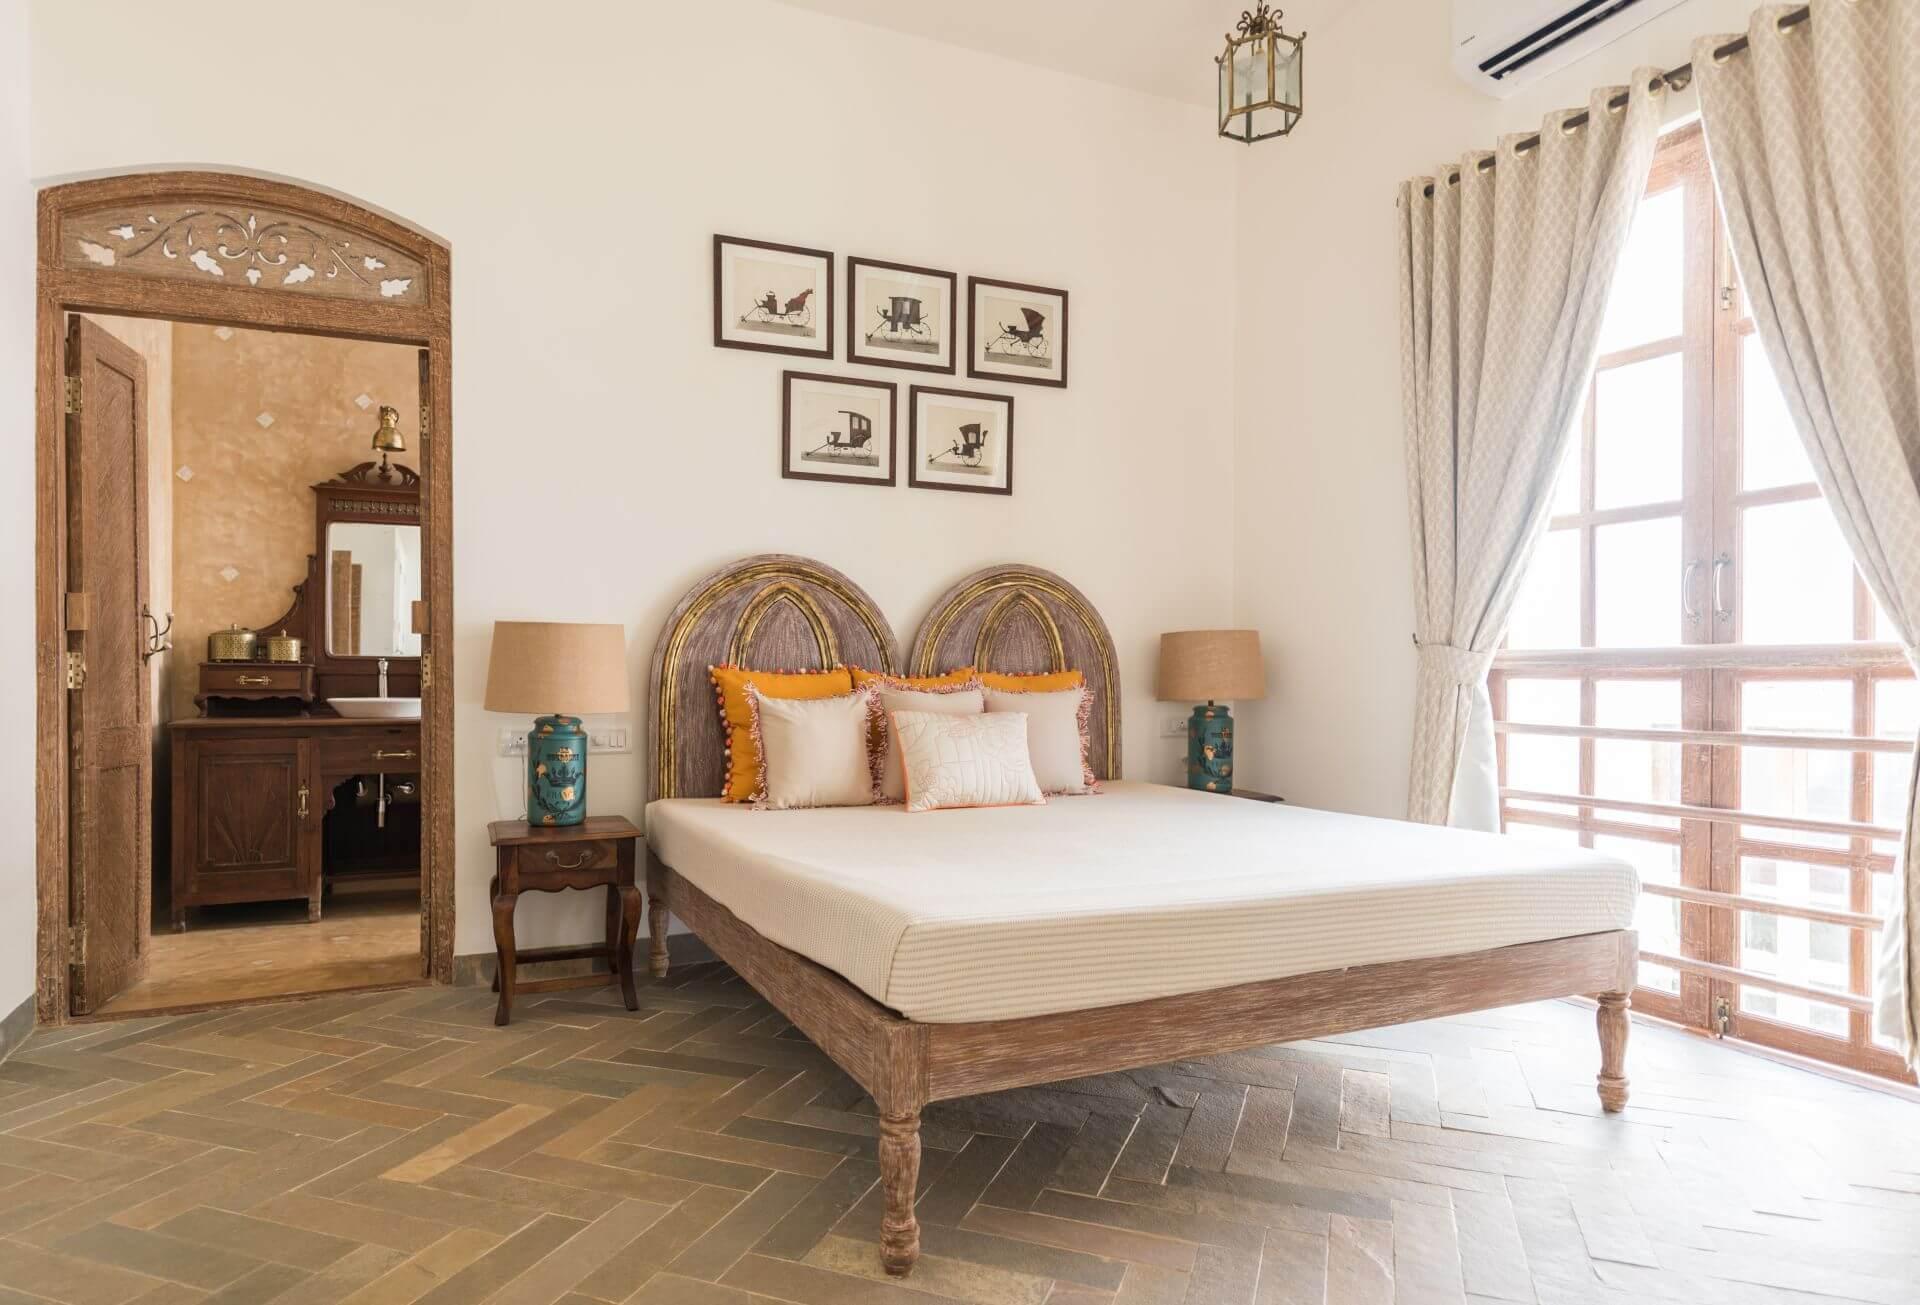 Igreha Vaddo Villa D - Holiday Homes in Goa